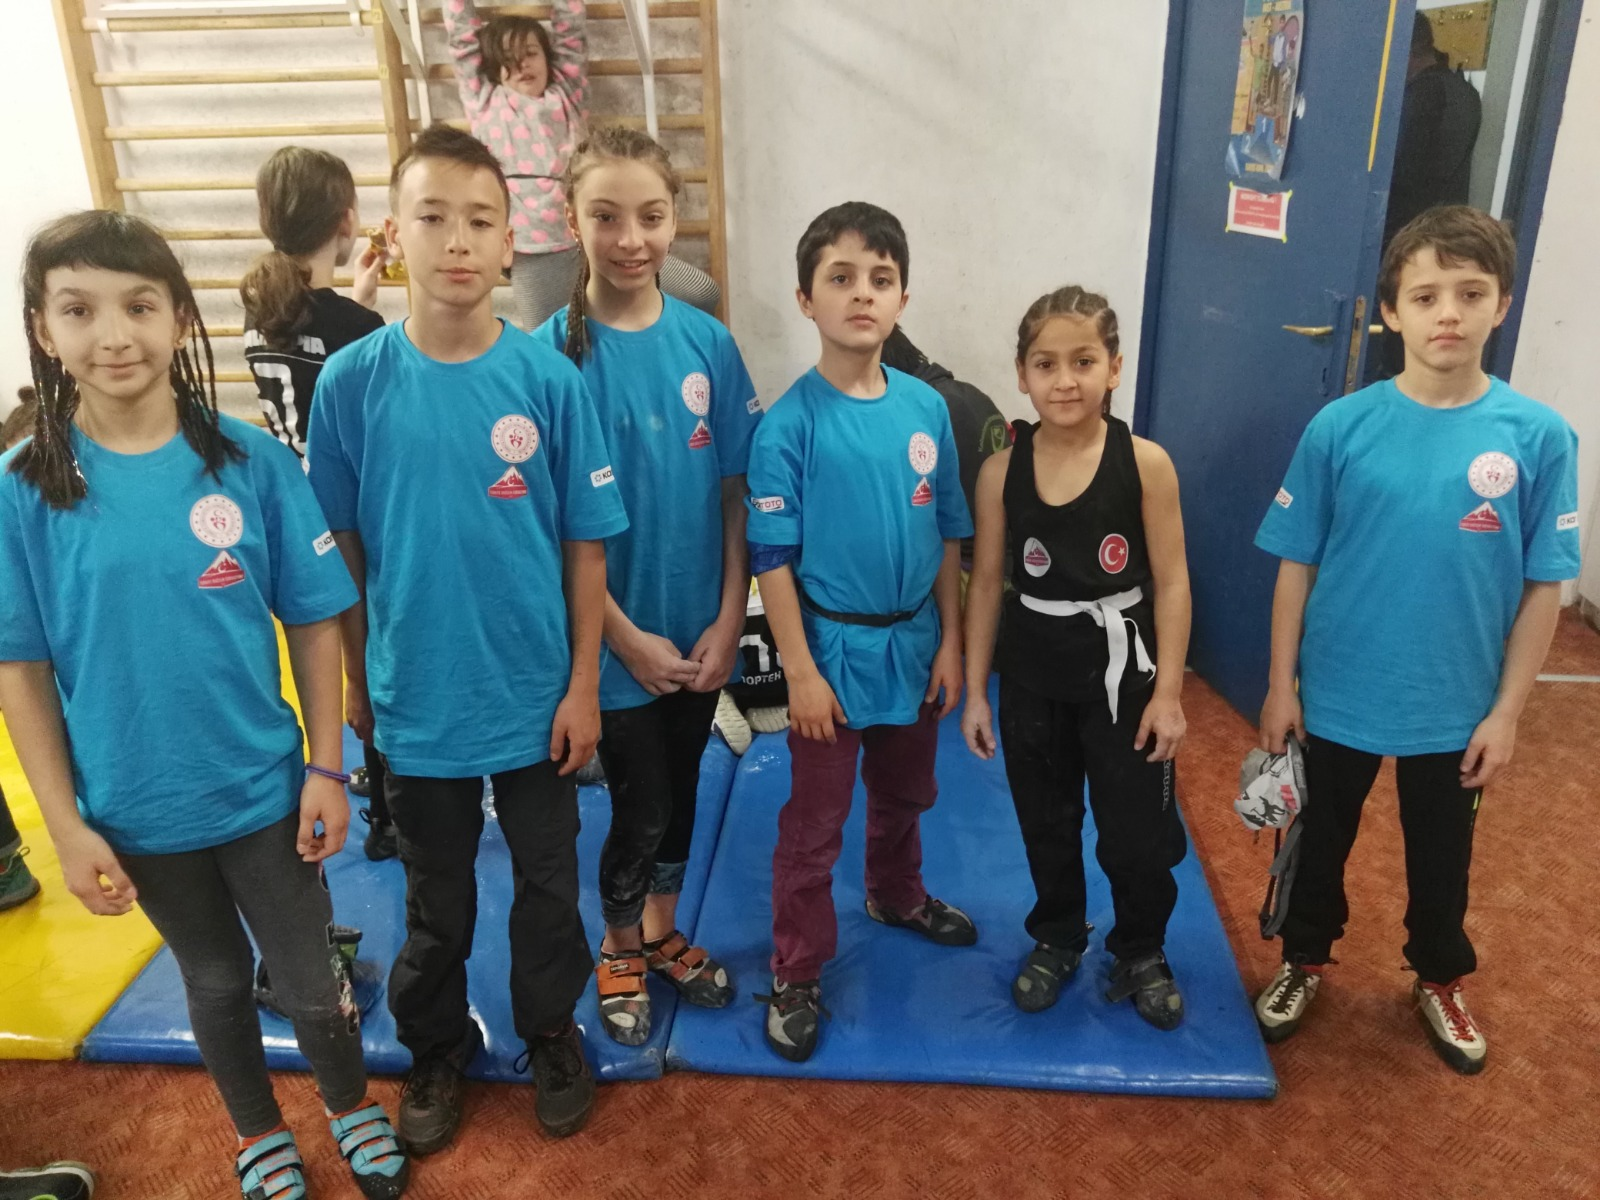 Okul Sporları Spor Tırmanış Takım ve Ferdi Katılımcı Listesi ve Programı